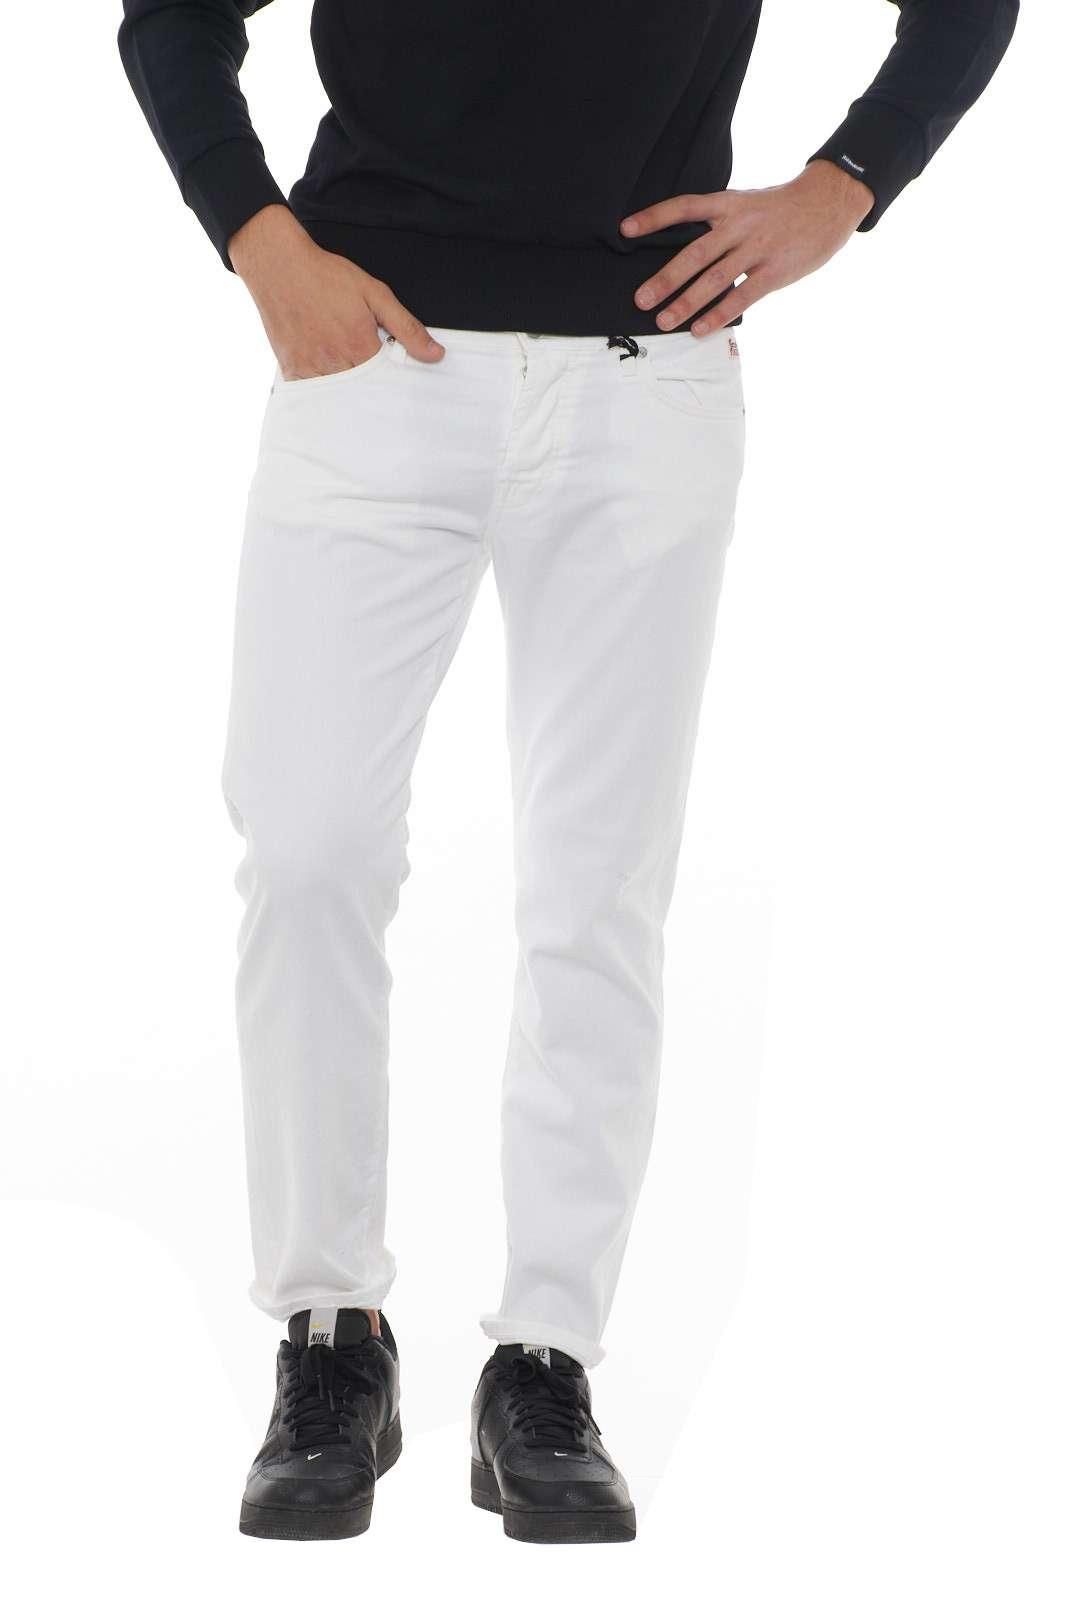 Un jeans versatile, dallo stile iconico e curato firmato Roy Roger's. Ideale da indossare con t-shirt, camicie, o maglie, per outfit casual, ma allo stesso tempo impeccabili. Un passepartout per i tuoi look. Il modello è alto 1.90m e indossa la taglia 35.